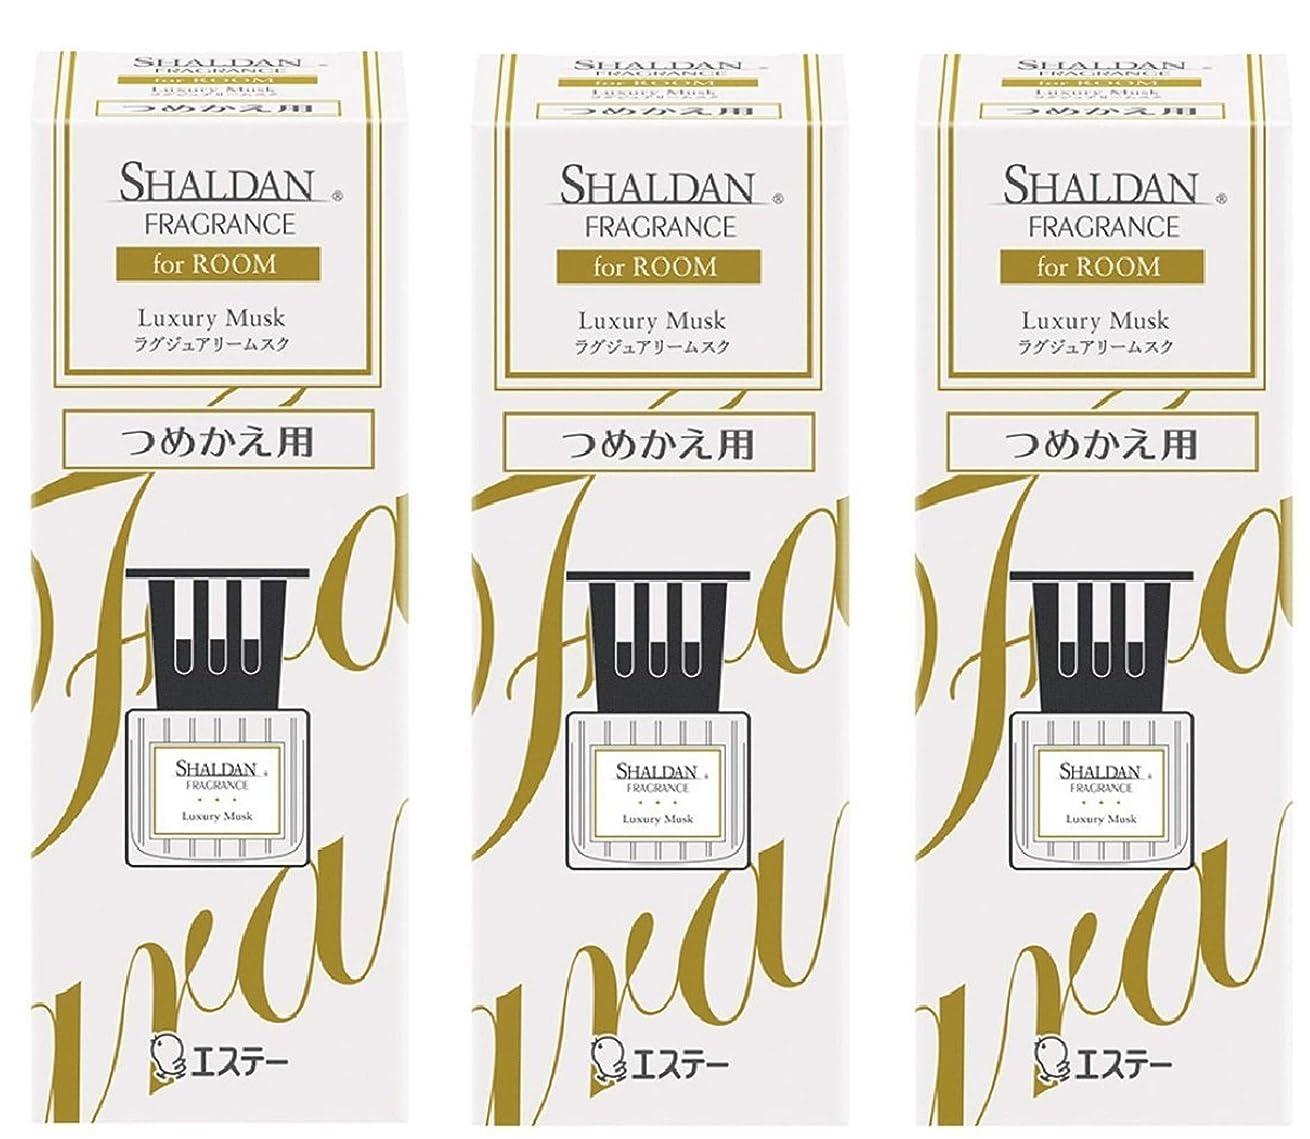 寄生虫マネージャー画像【まとめ買い】シャルダン SHALDAN フレグランス for ROOM 芳香剤 部屋用 部屋 つめかえ ラグジュアリームスク 65ml×3個